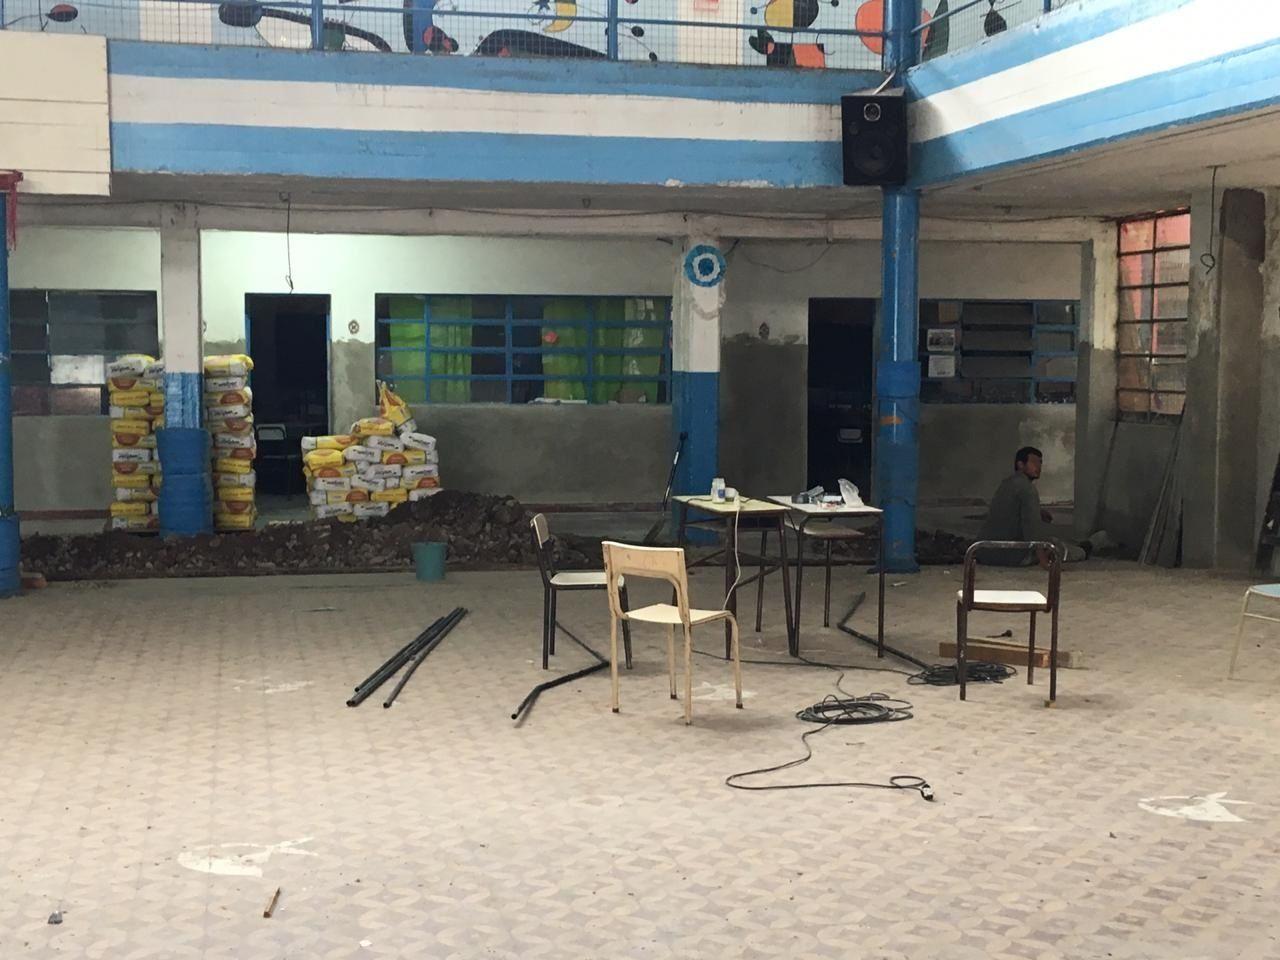 Es una escuela de Moreno que alberga a 900 alumnos, pero le faltaban las habilitaciones y denuncian que la desmantelaron